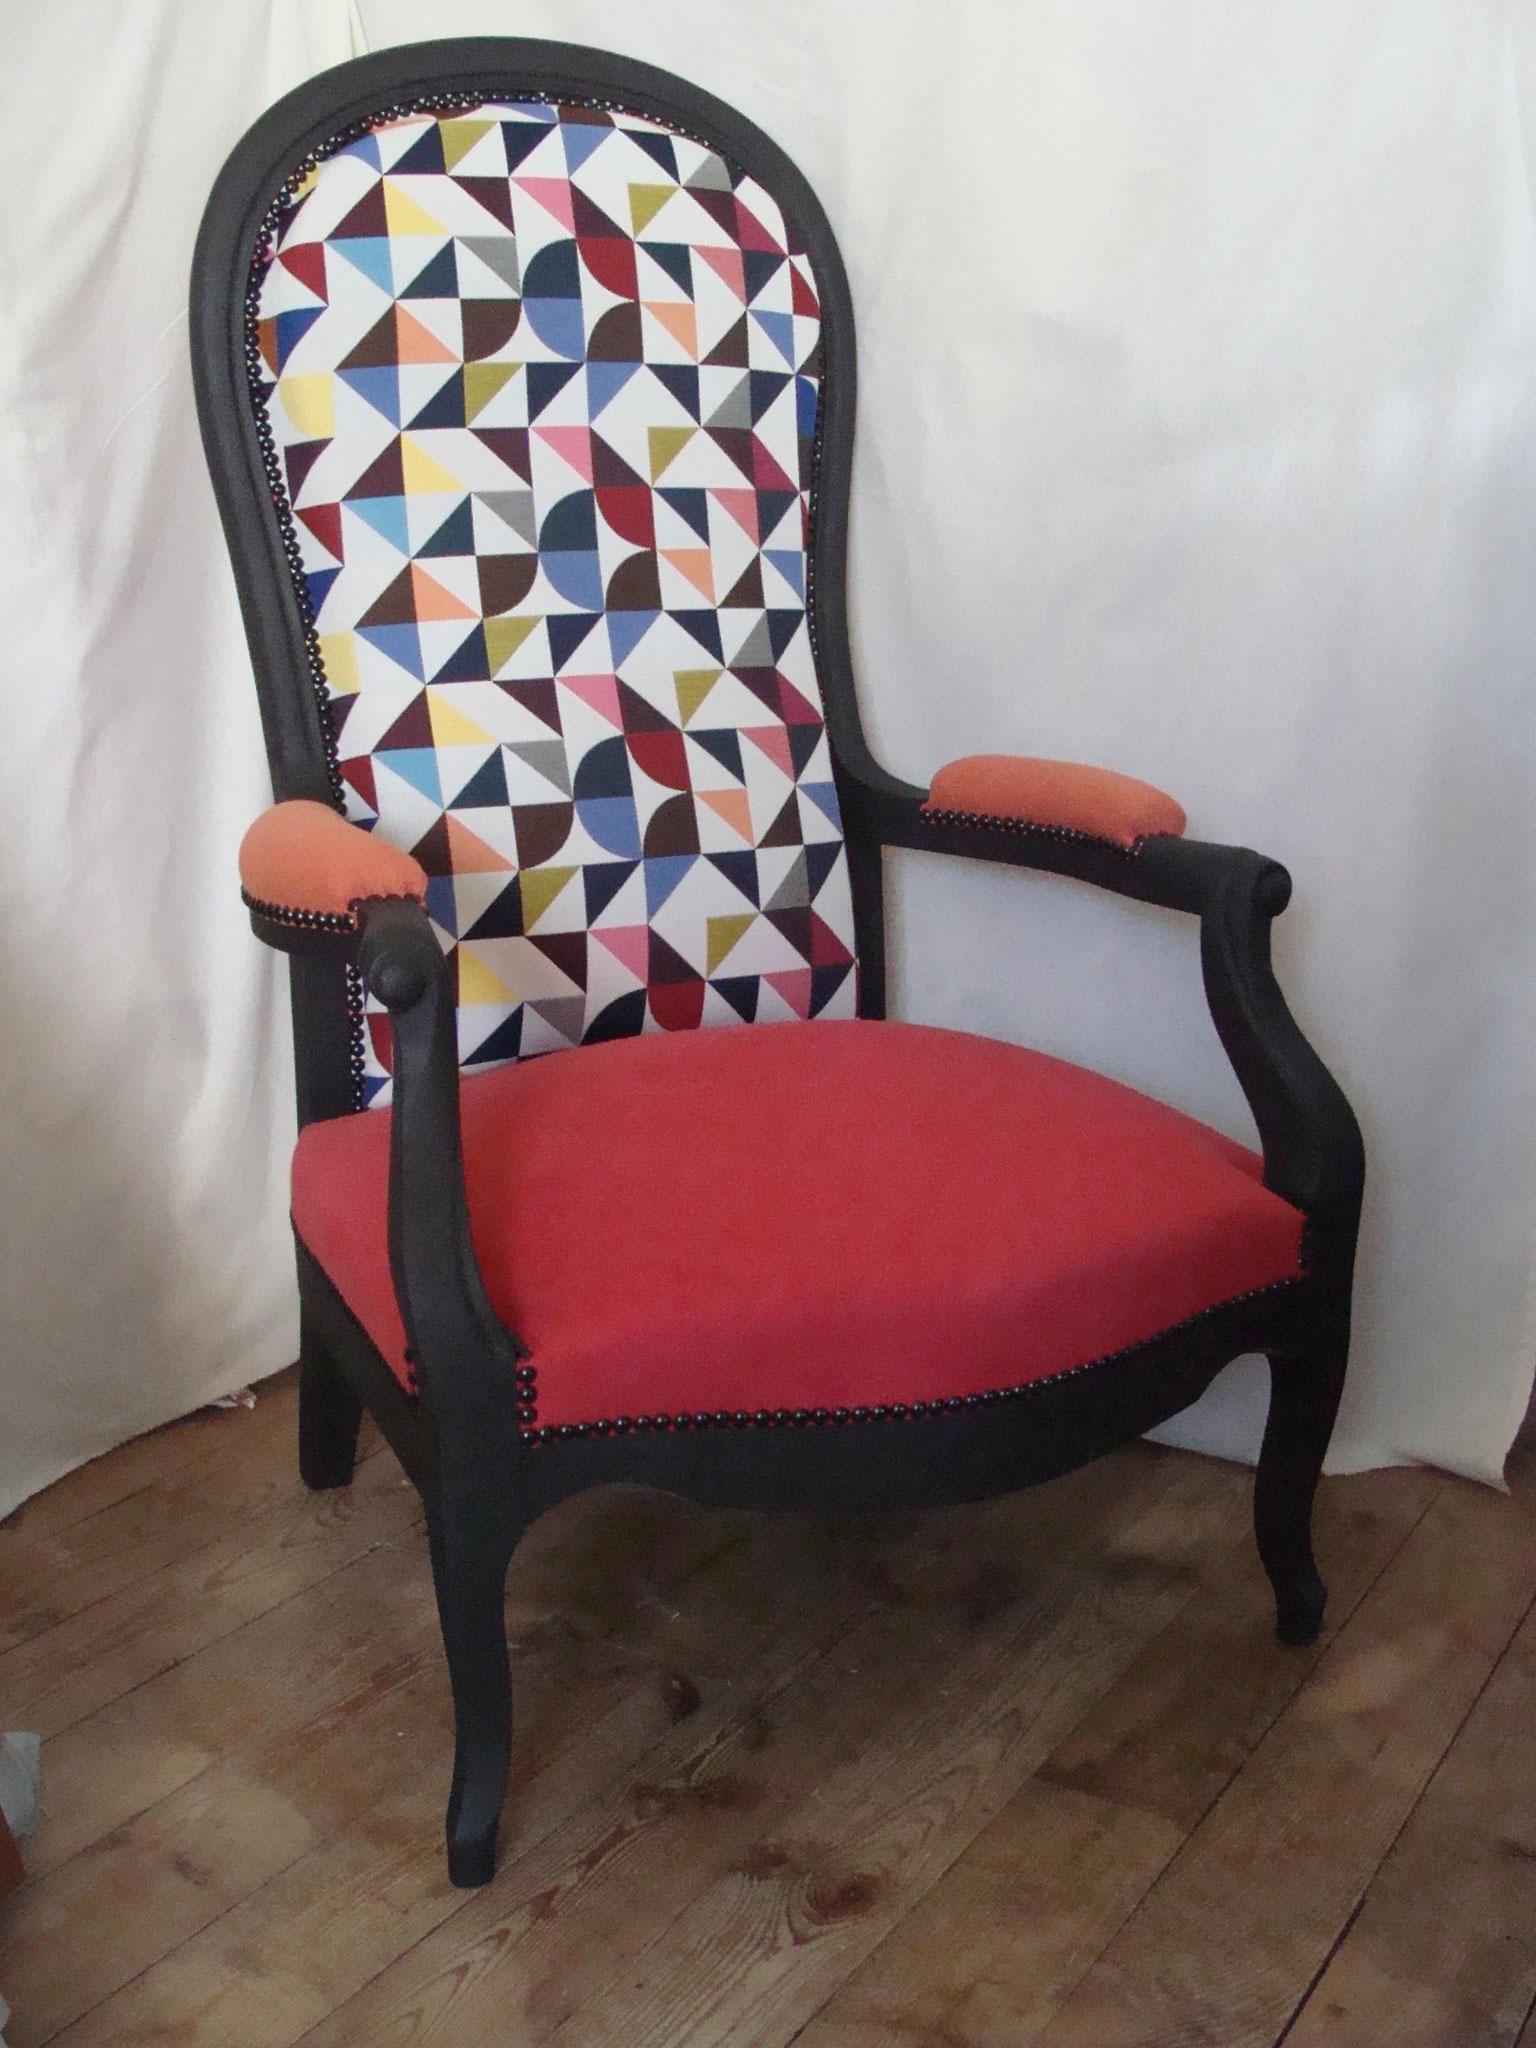 Relooker Un Fauteuil Voltaire fauteuil voltaire (relooking) - agnesriquintapissiersellier